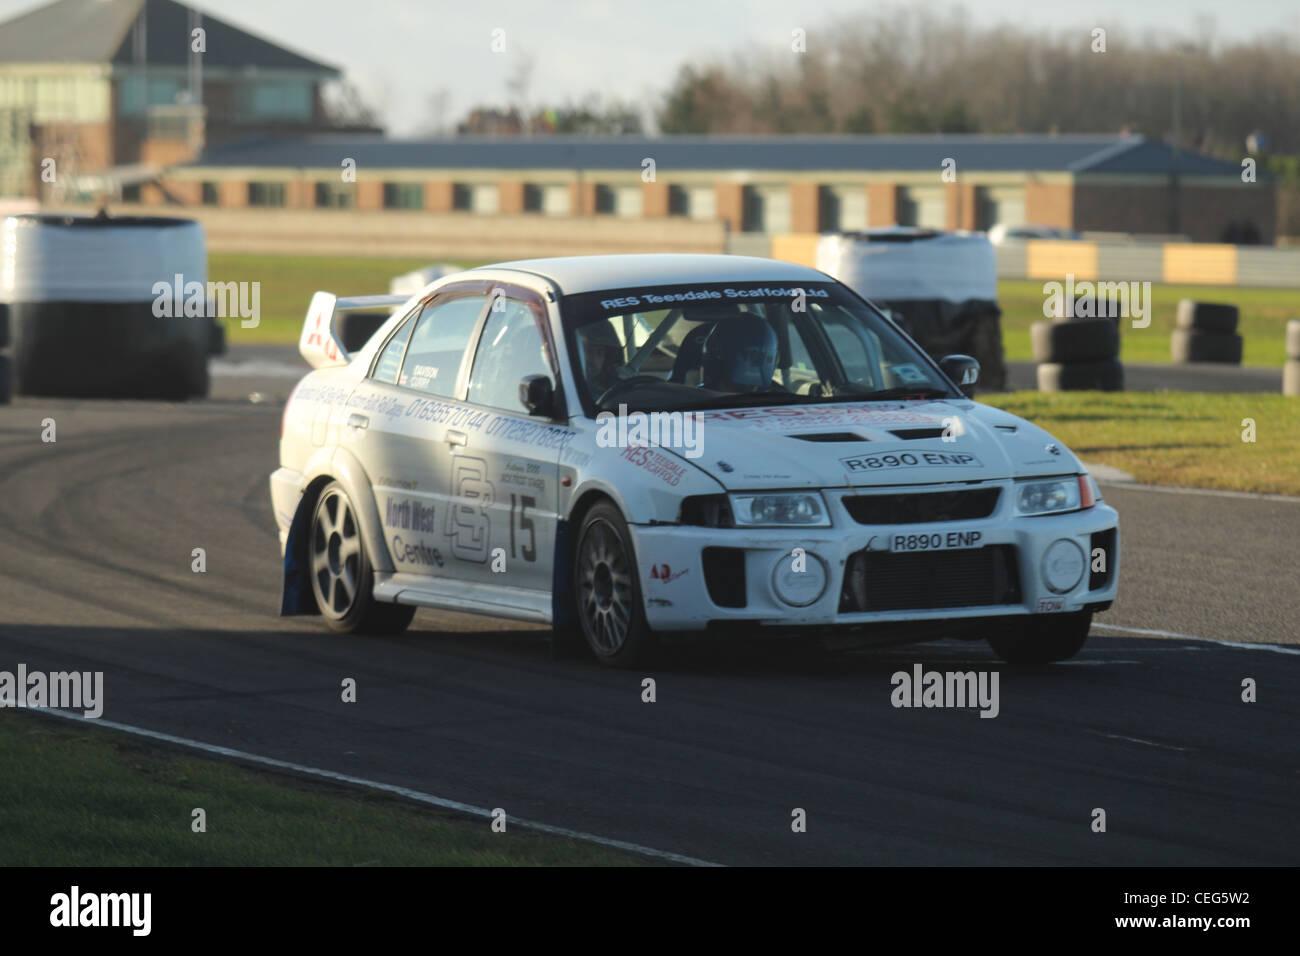 Mitsubishi Evo Rally Car Stock Photos & Mitsubishi Evo Rally Car ...